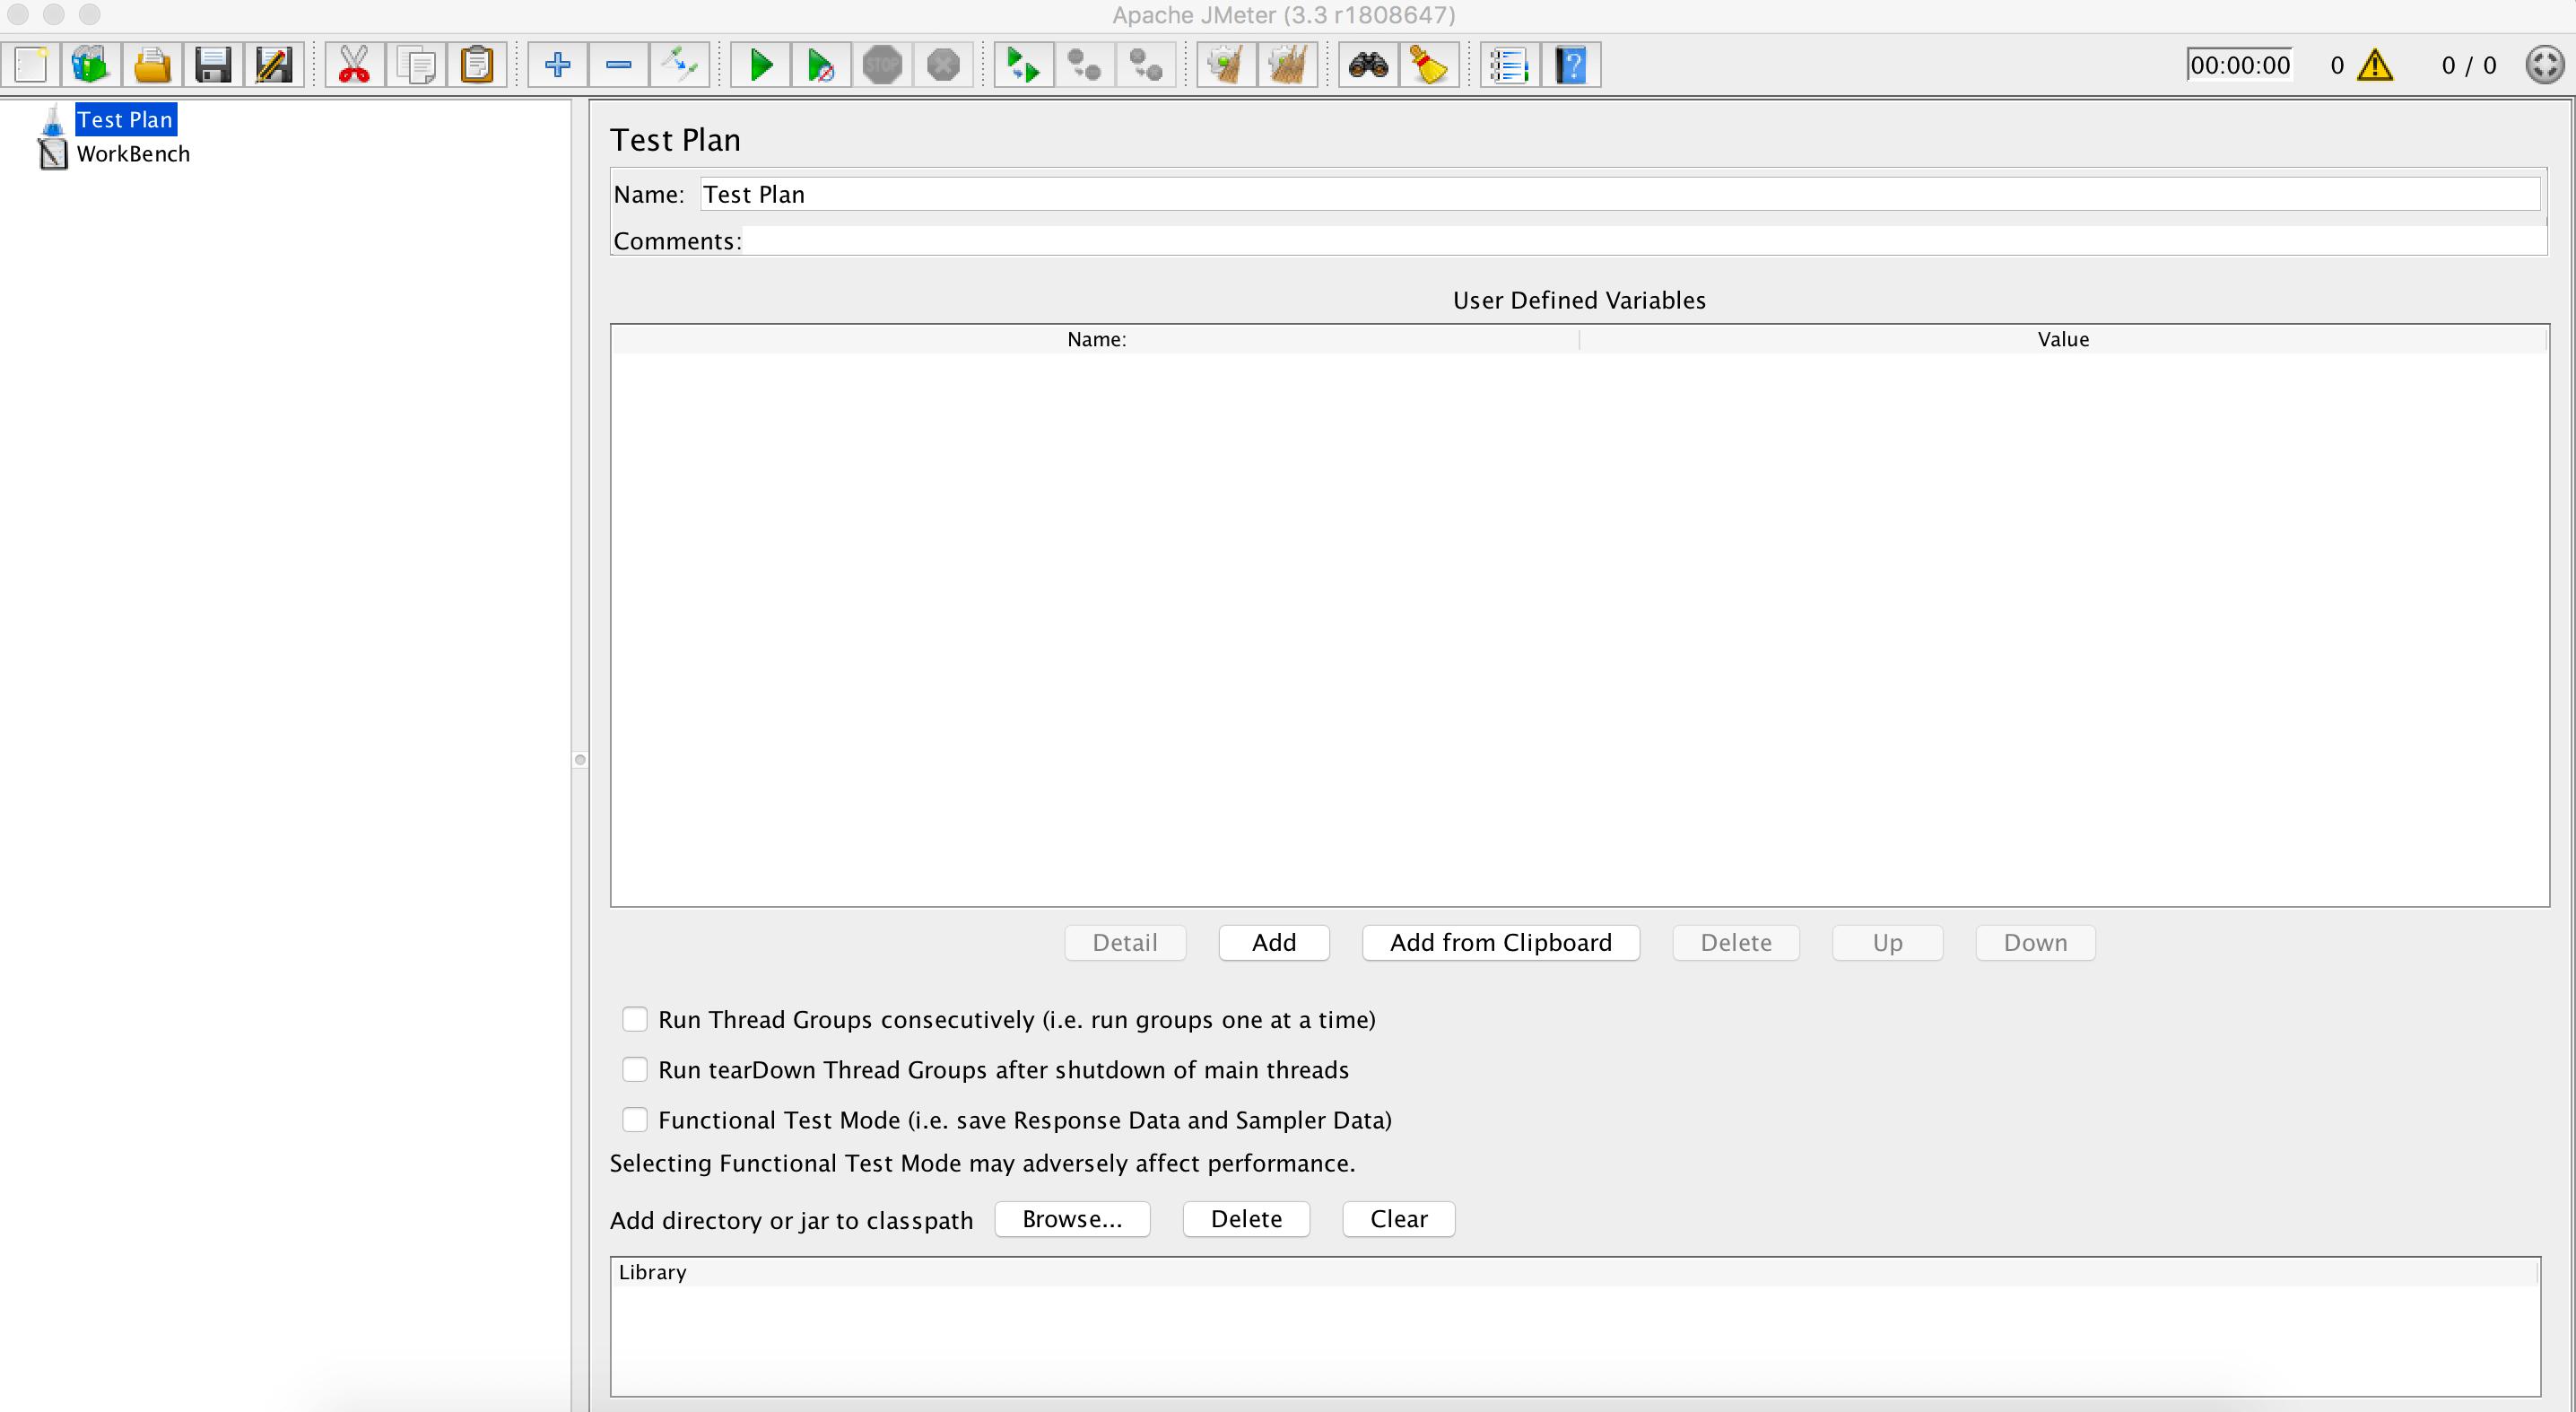 JMeter view - test plan